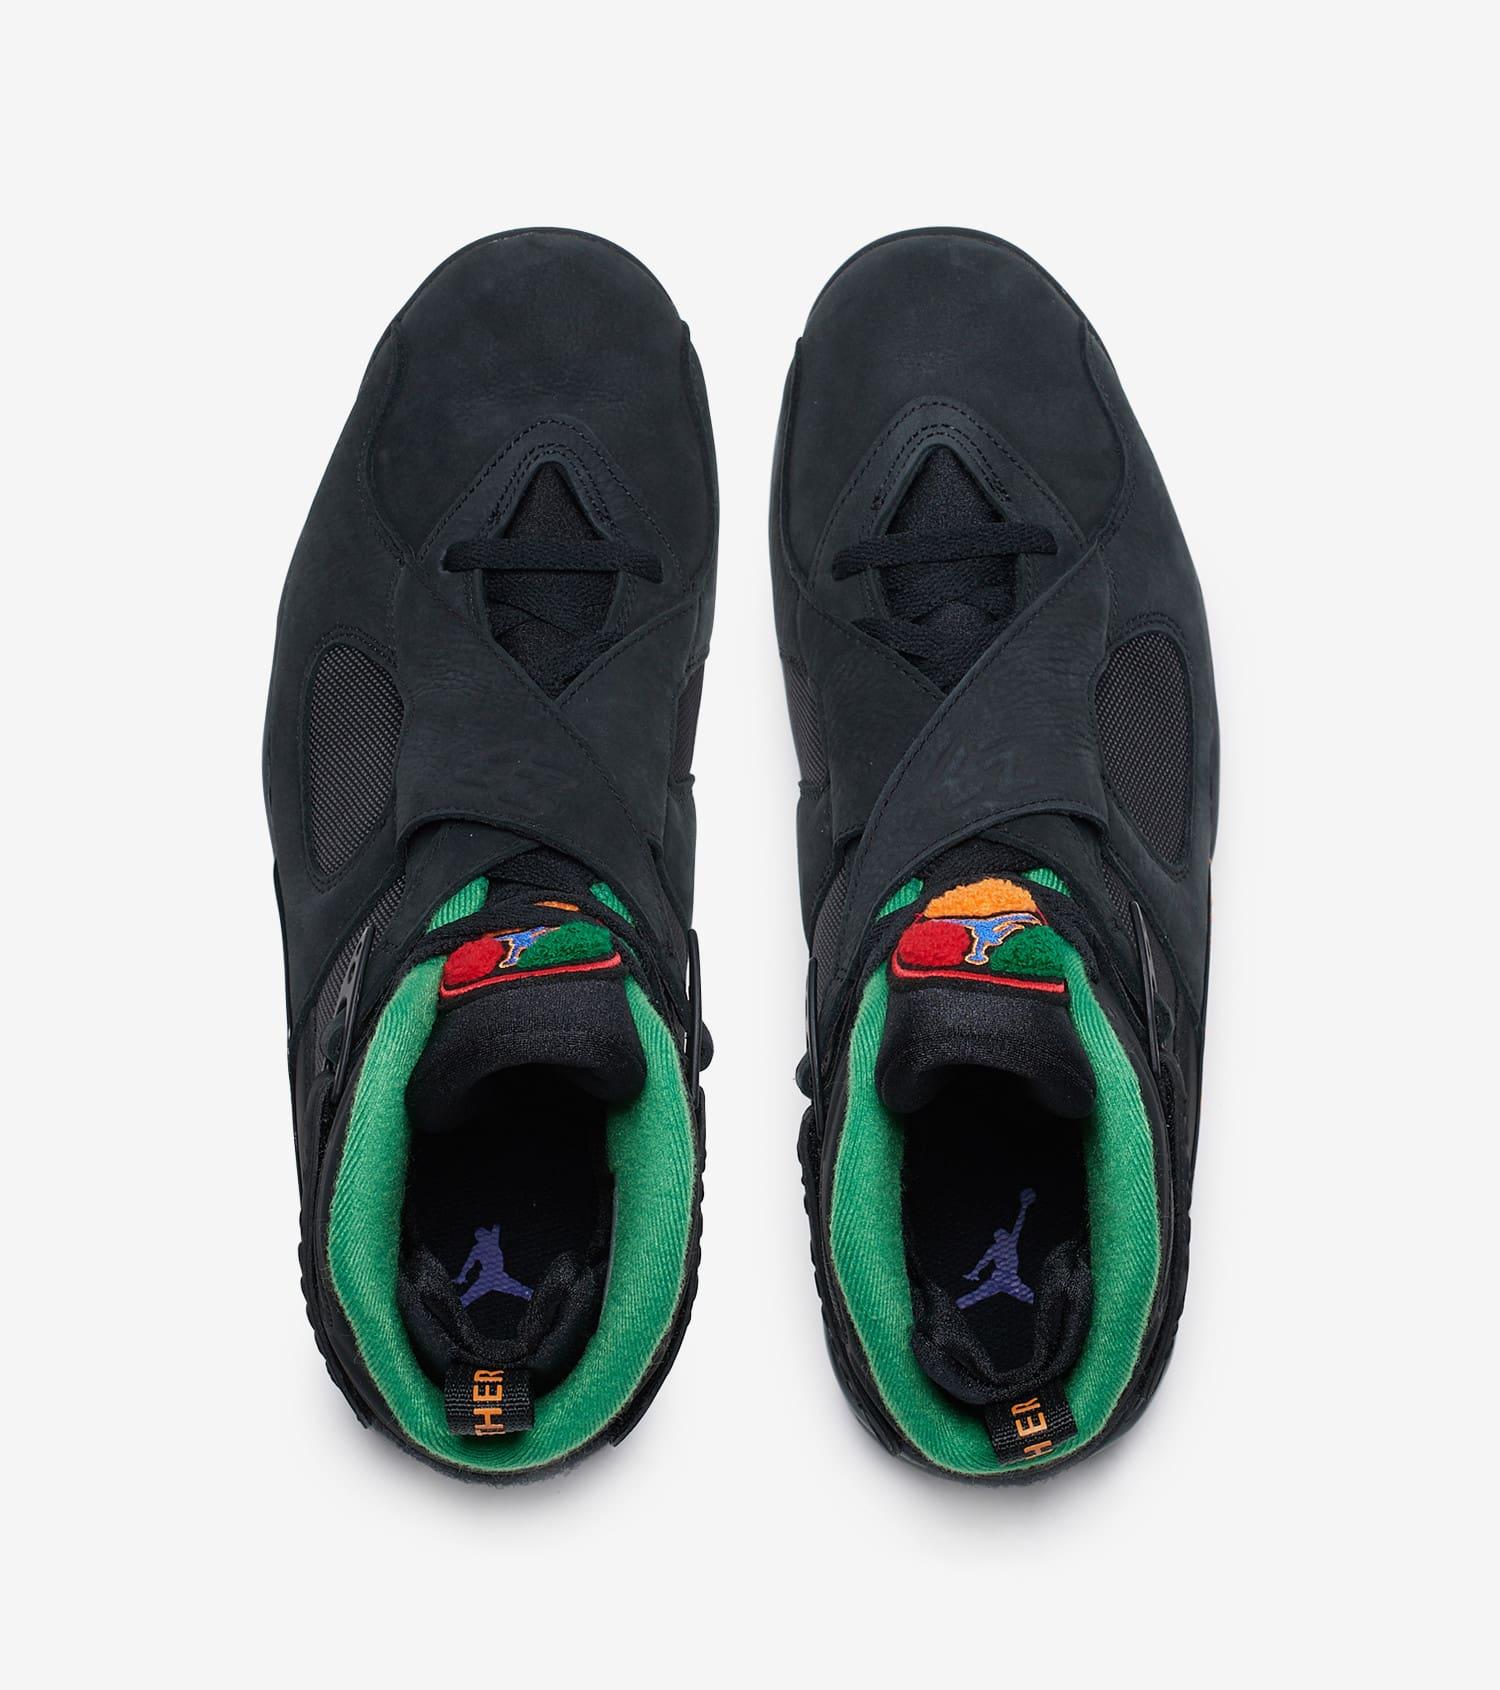 reputable site d2cc7 c0121 Retro 8 Sneaker